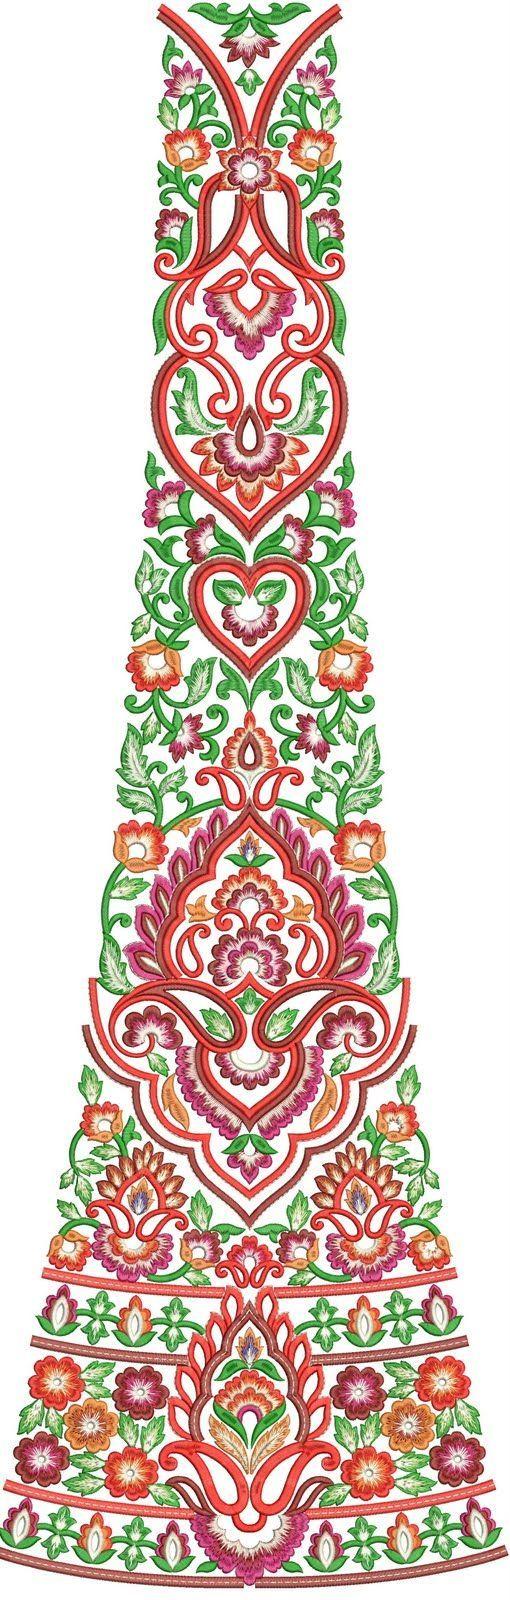 Free Embroidery Designs : Embroidery Designs, Embroidery Digitizing